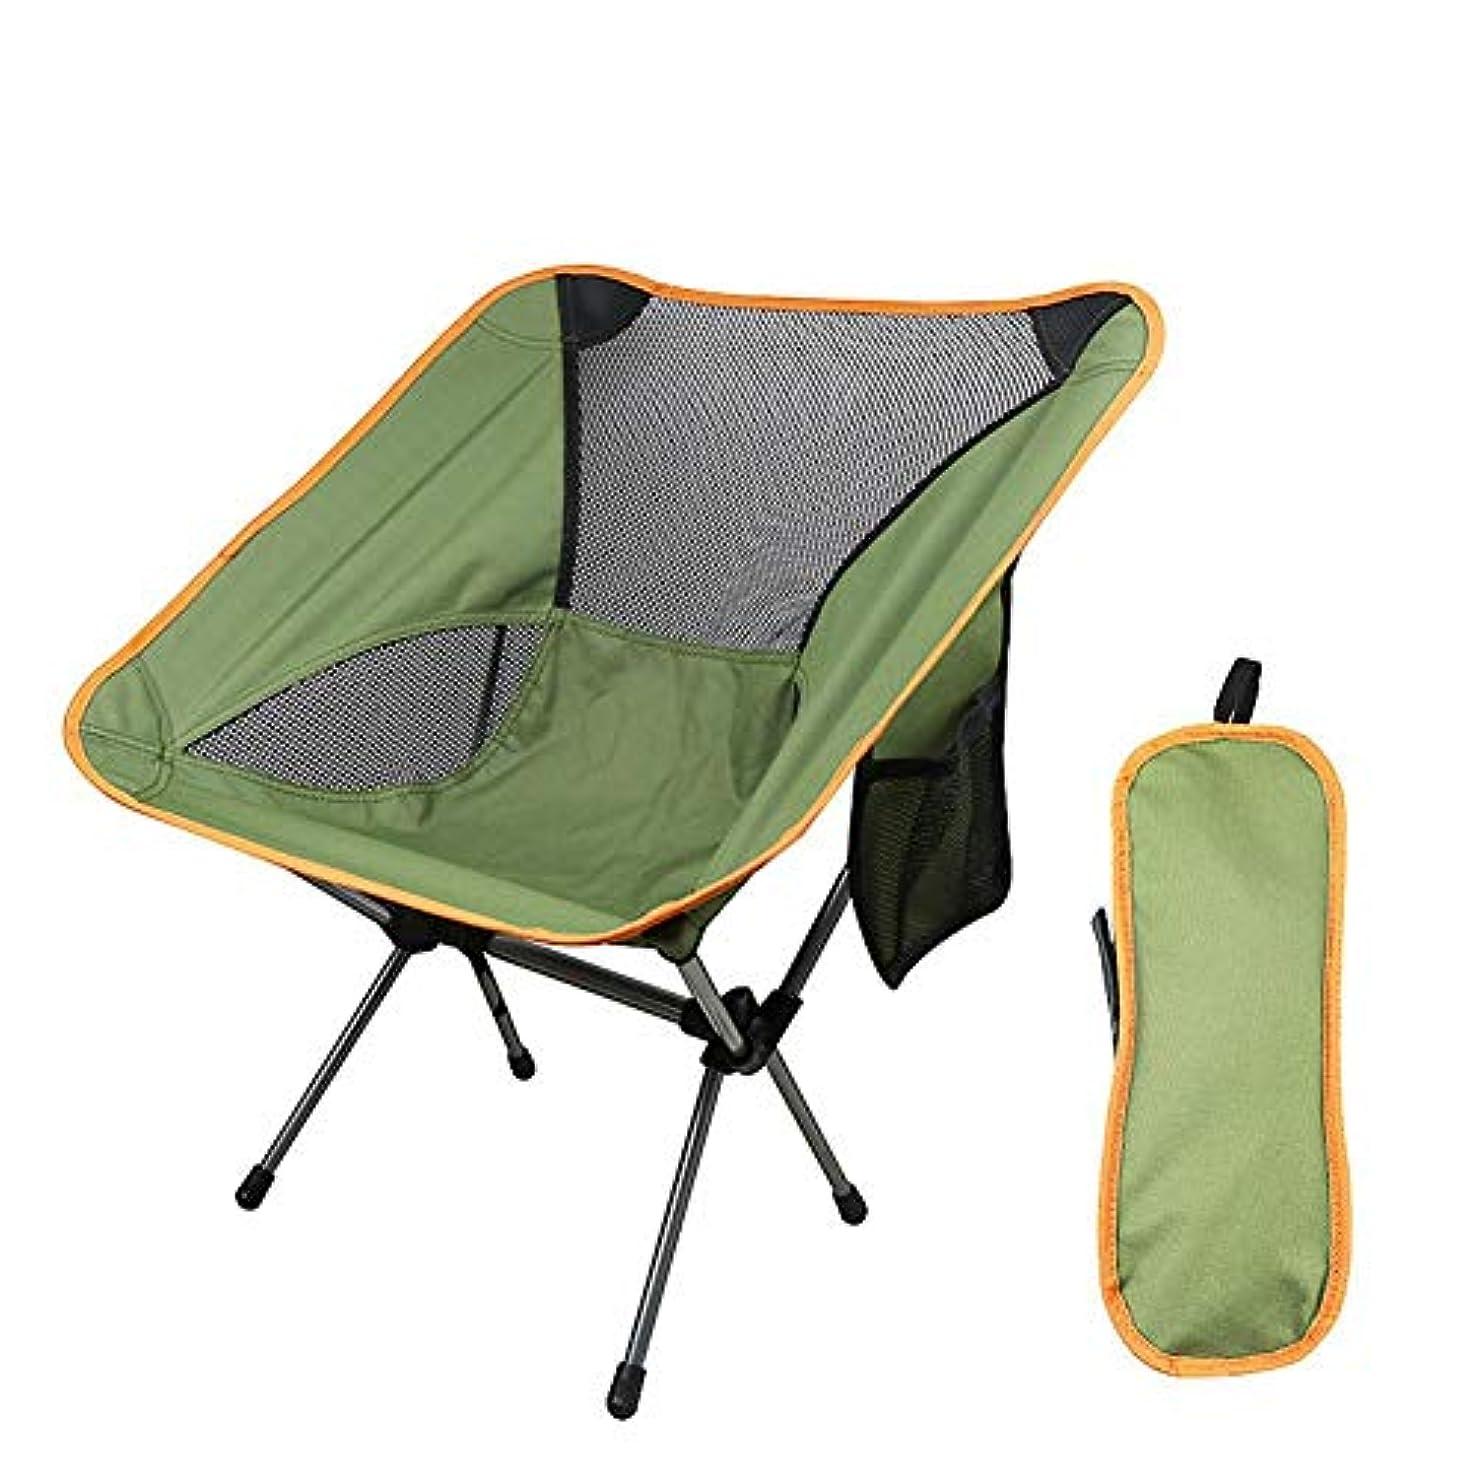 議会例外ありそうRuncircle アウトドアチェア レジャーチェア 折り畳みチェア 椅子 超軽量 コンパクトチェア アルミ合金 ポータブル ピクニック お釣り 登山 携帯便利 椅子 登山 キャンプ用